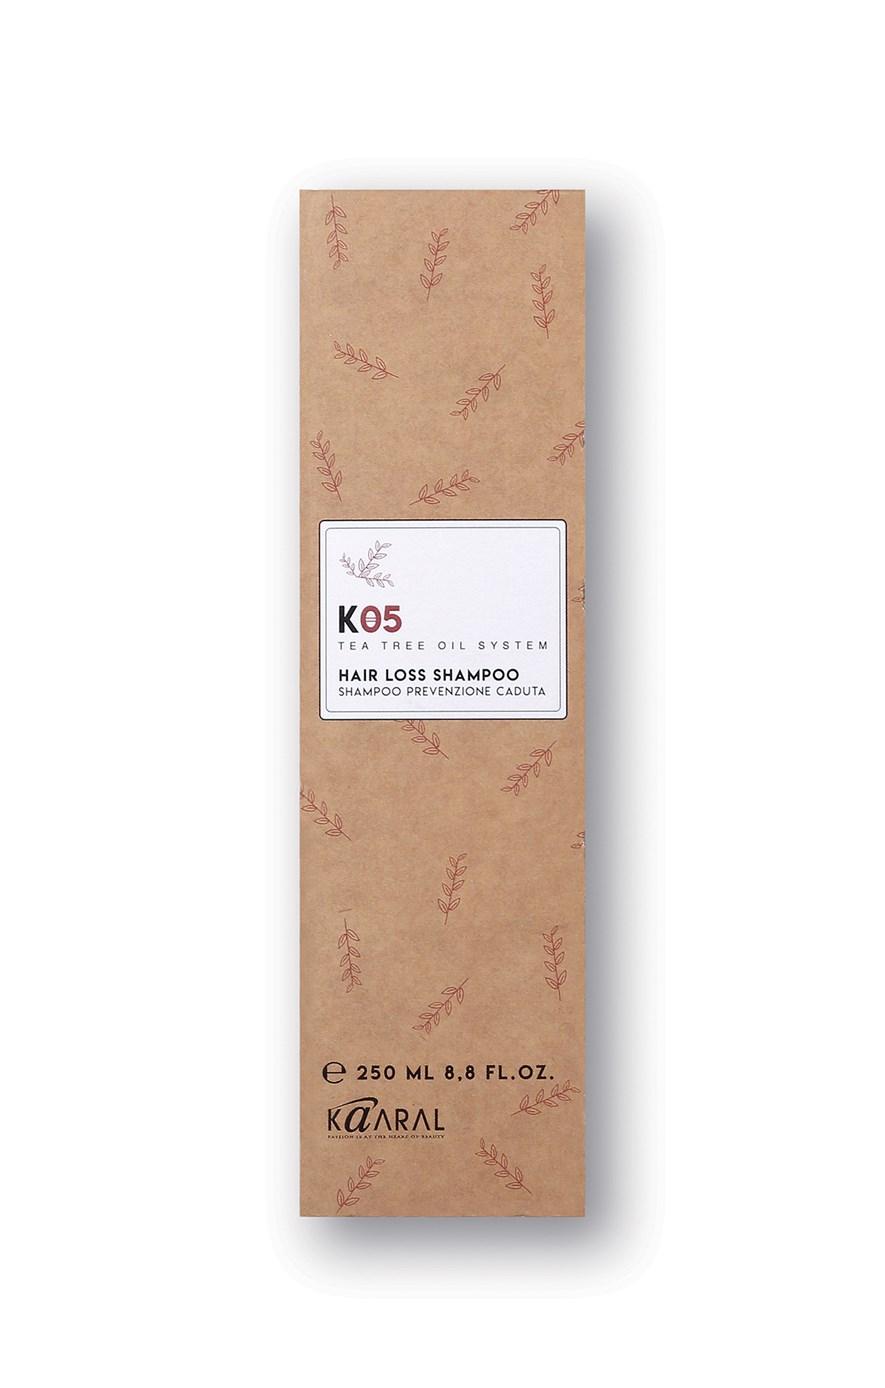 Купить Kaaral Шампунь для профилактики выпадения волос Anti Hair Loss Shampoo, 250 мл (Kaaral, К-05), Италия